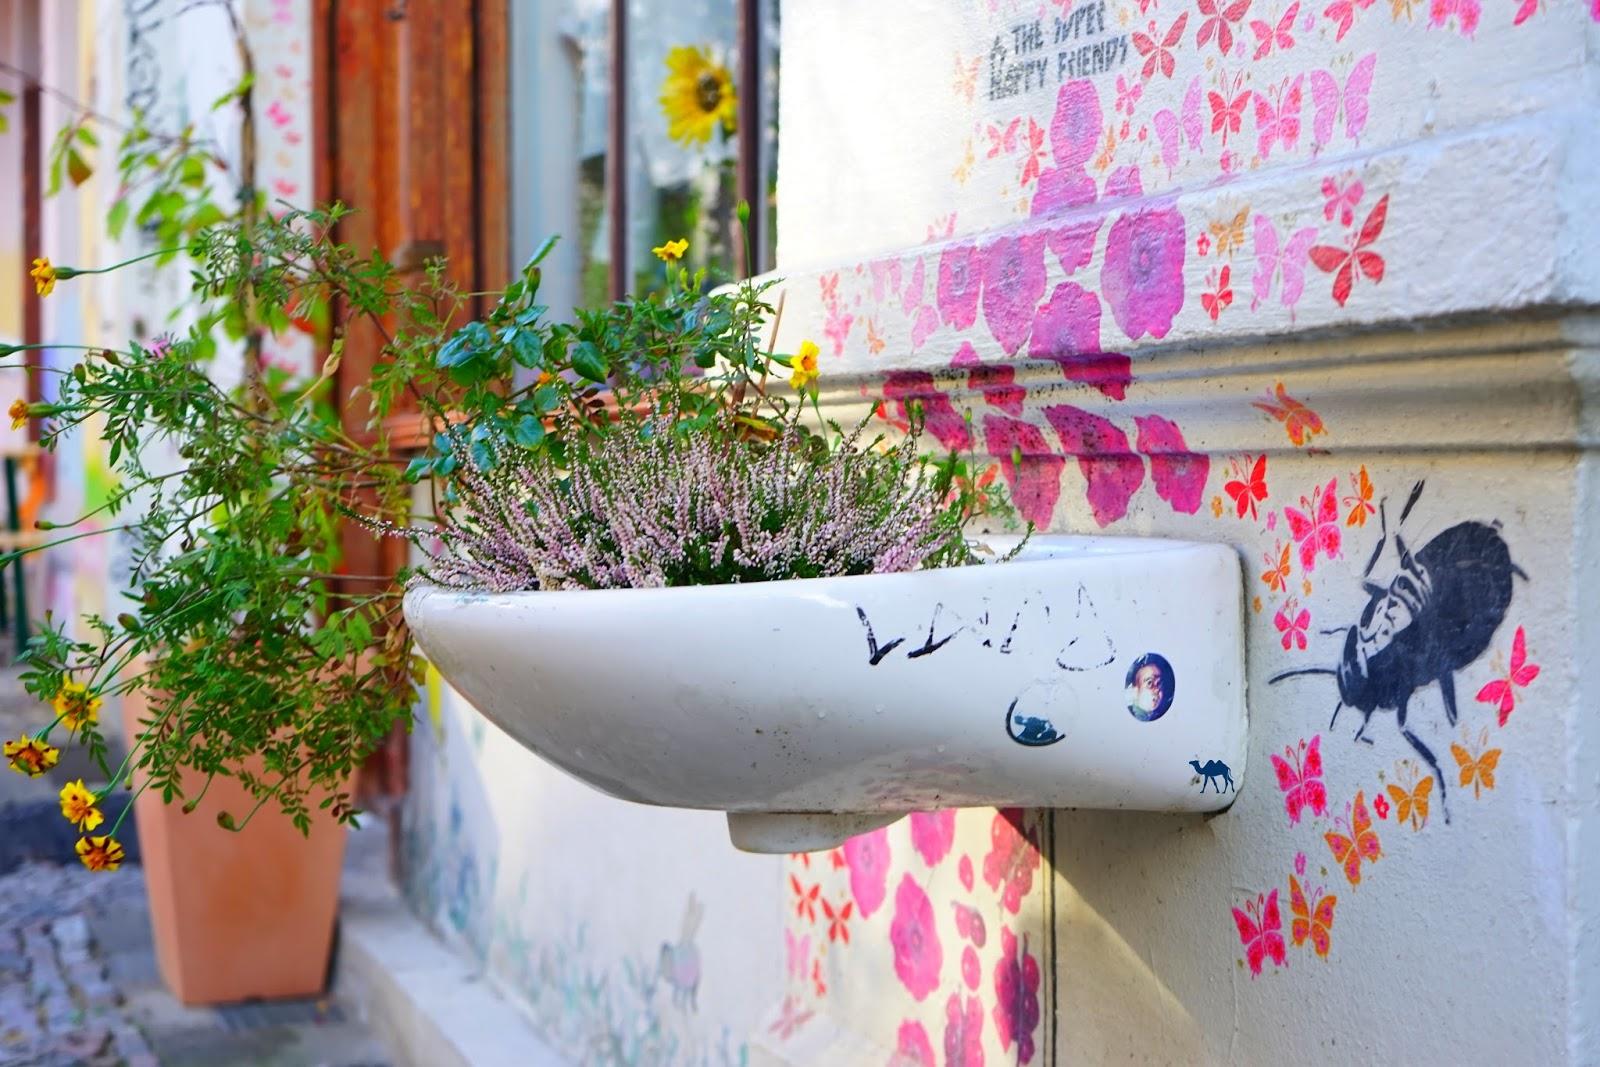 Le Chameau Bleu - Lavabo street art